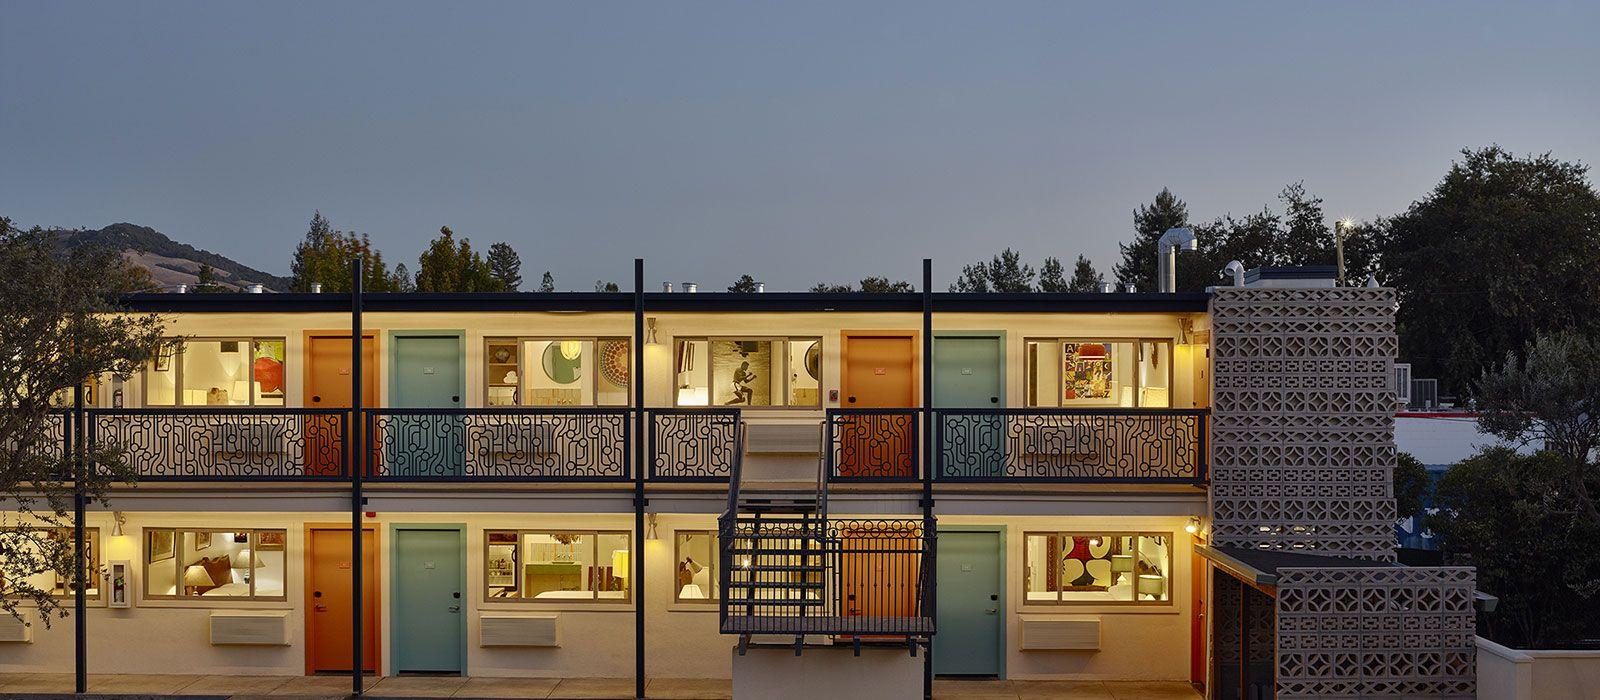 The Astro | Santa Rosa, CA | Stay here | Pinterest | Santa rosa ...